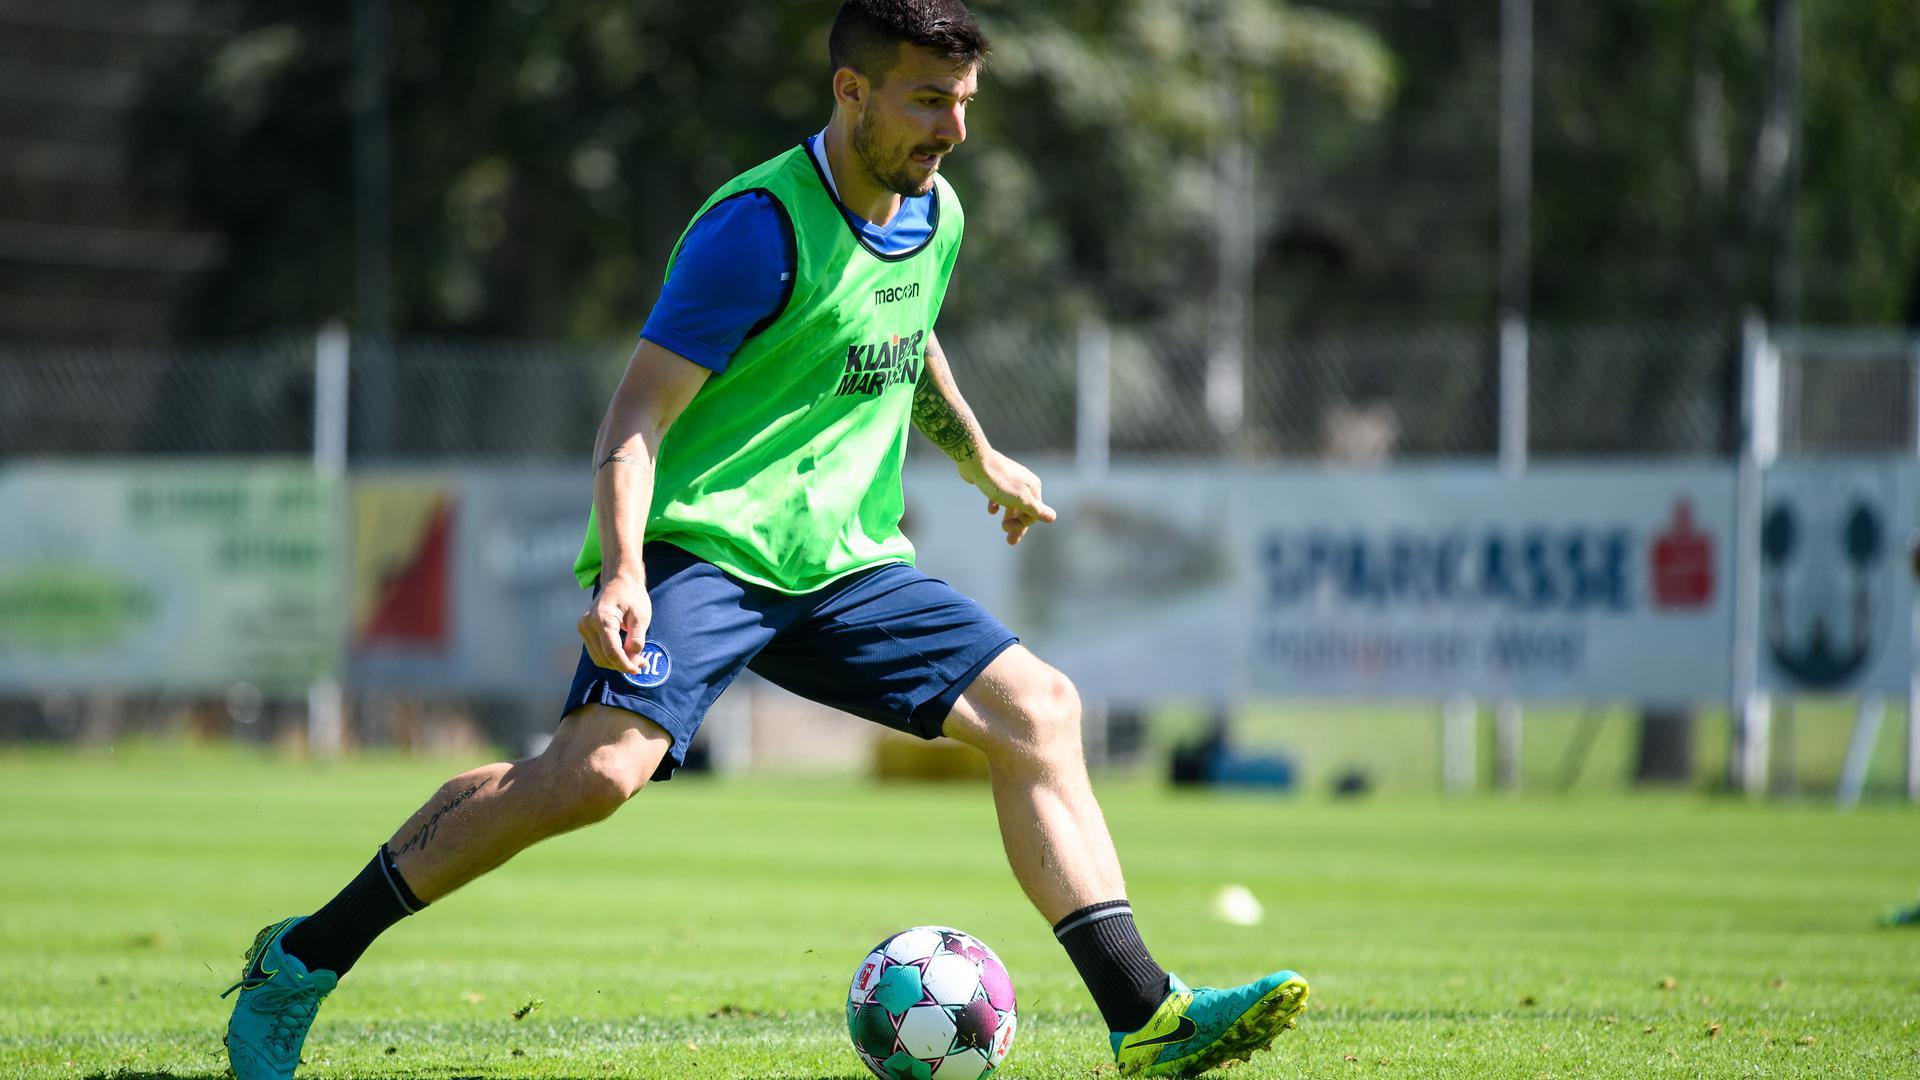 Der neue KSC-Kapitän: Der gebürtige Karlsruher Jérome Gondorf führt die Mannschaft in der neuen Saison an.